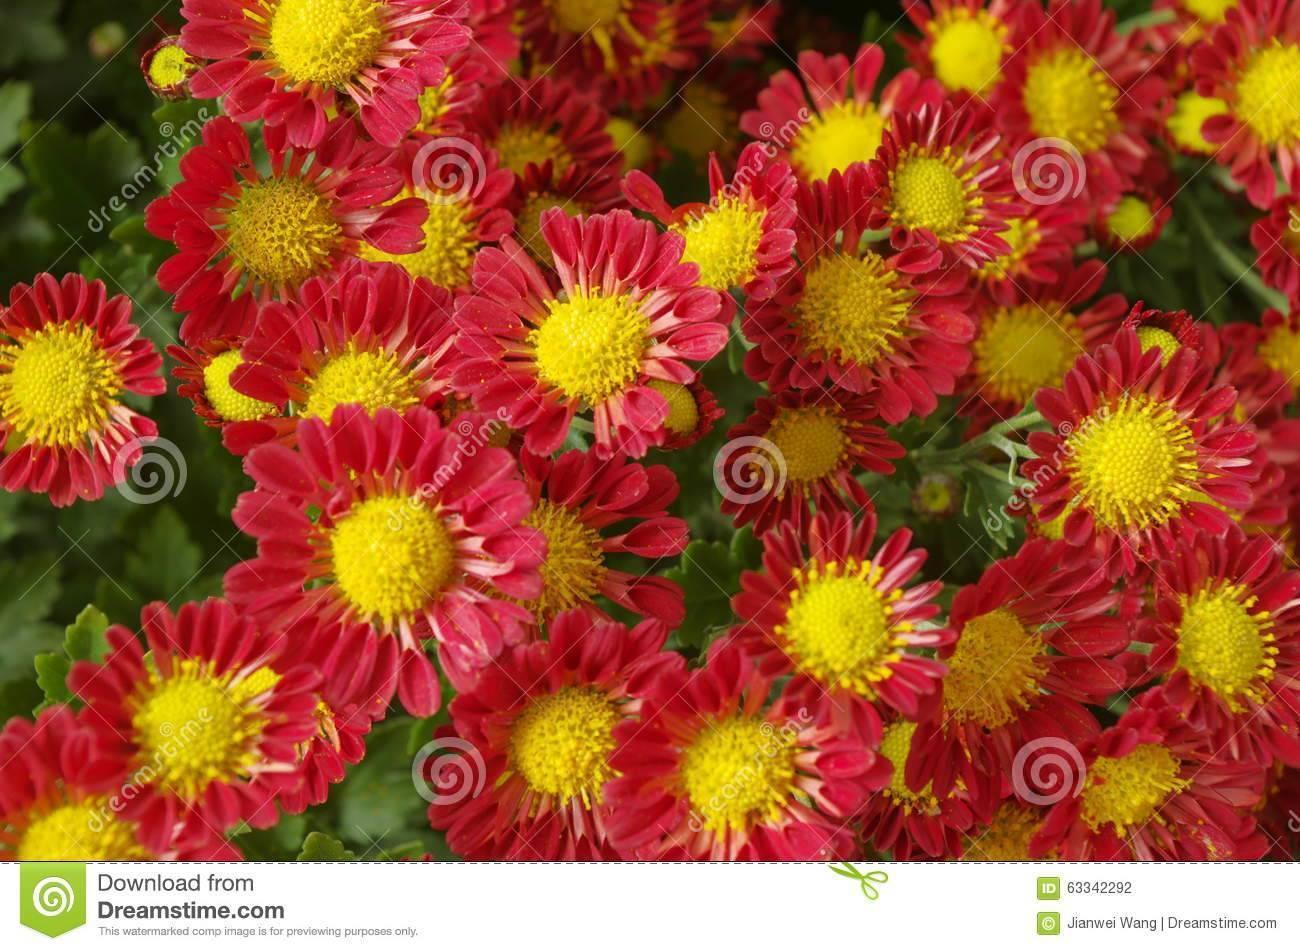 Хризантемы садовые многолетние: фото цветов, посадка и уход, сорта